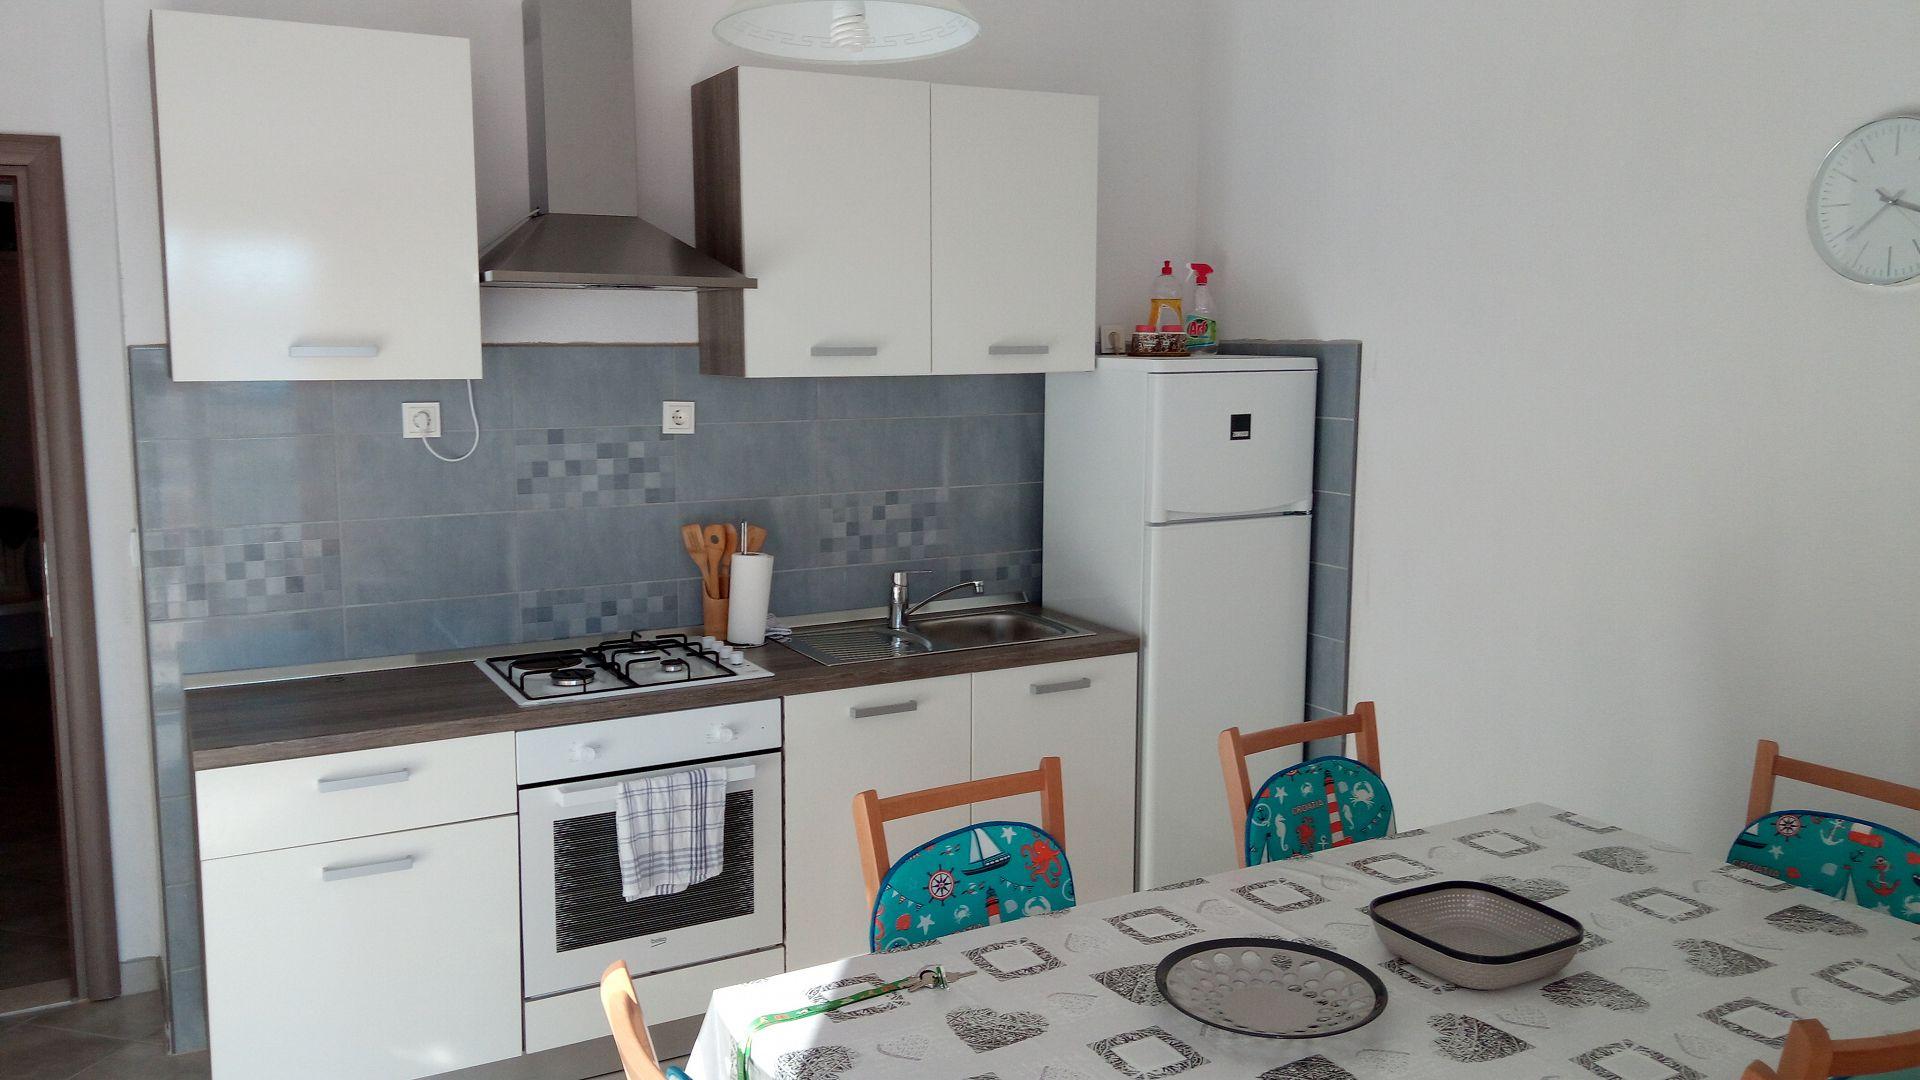 Marijica - Okrug Gornji - Ferienwohnungen Kroatien - A2(6): Küche und Speisezimmer